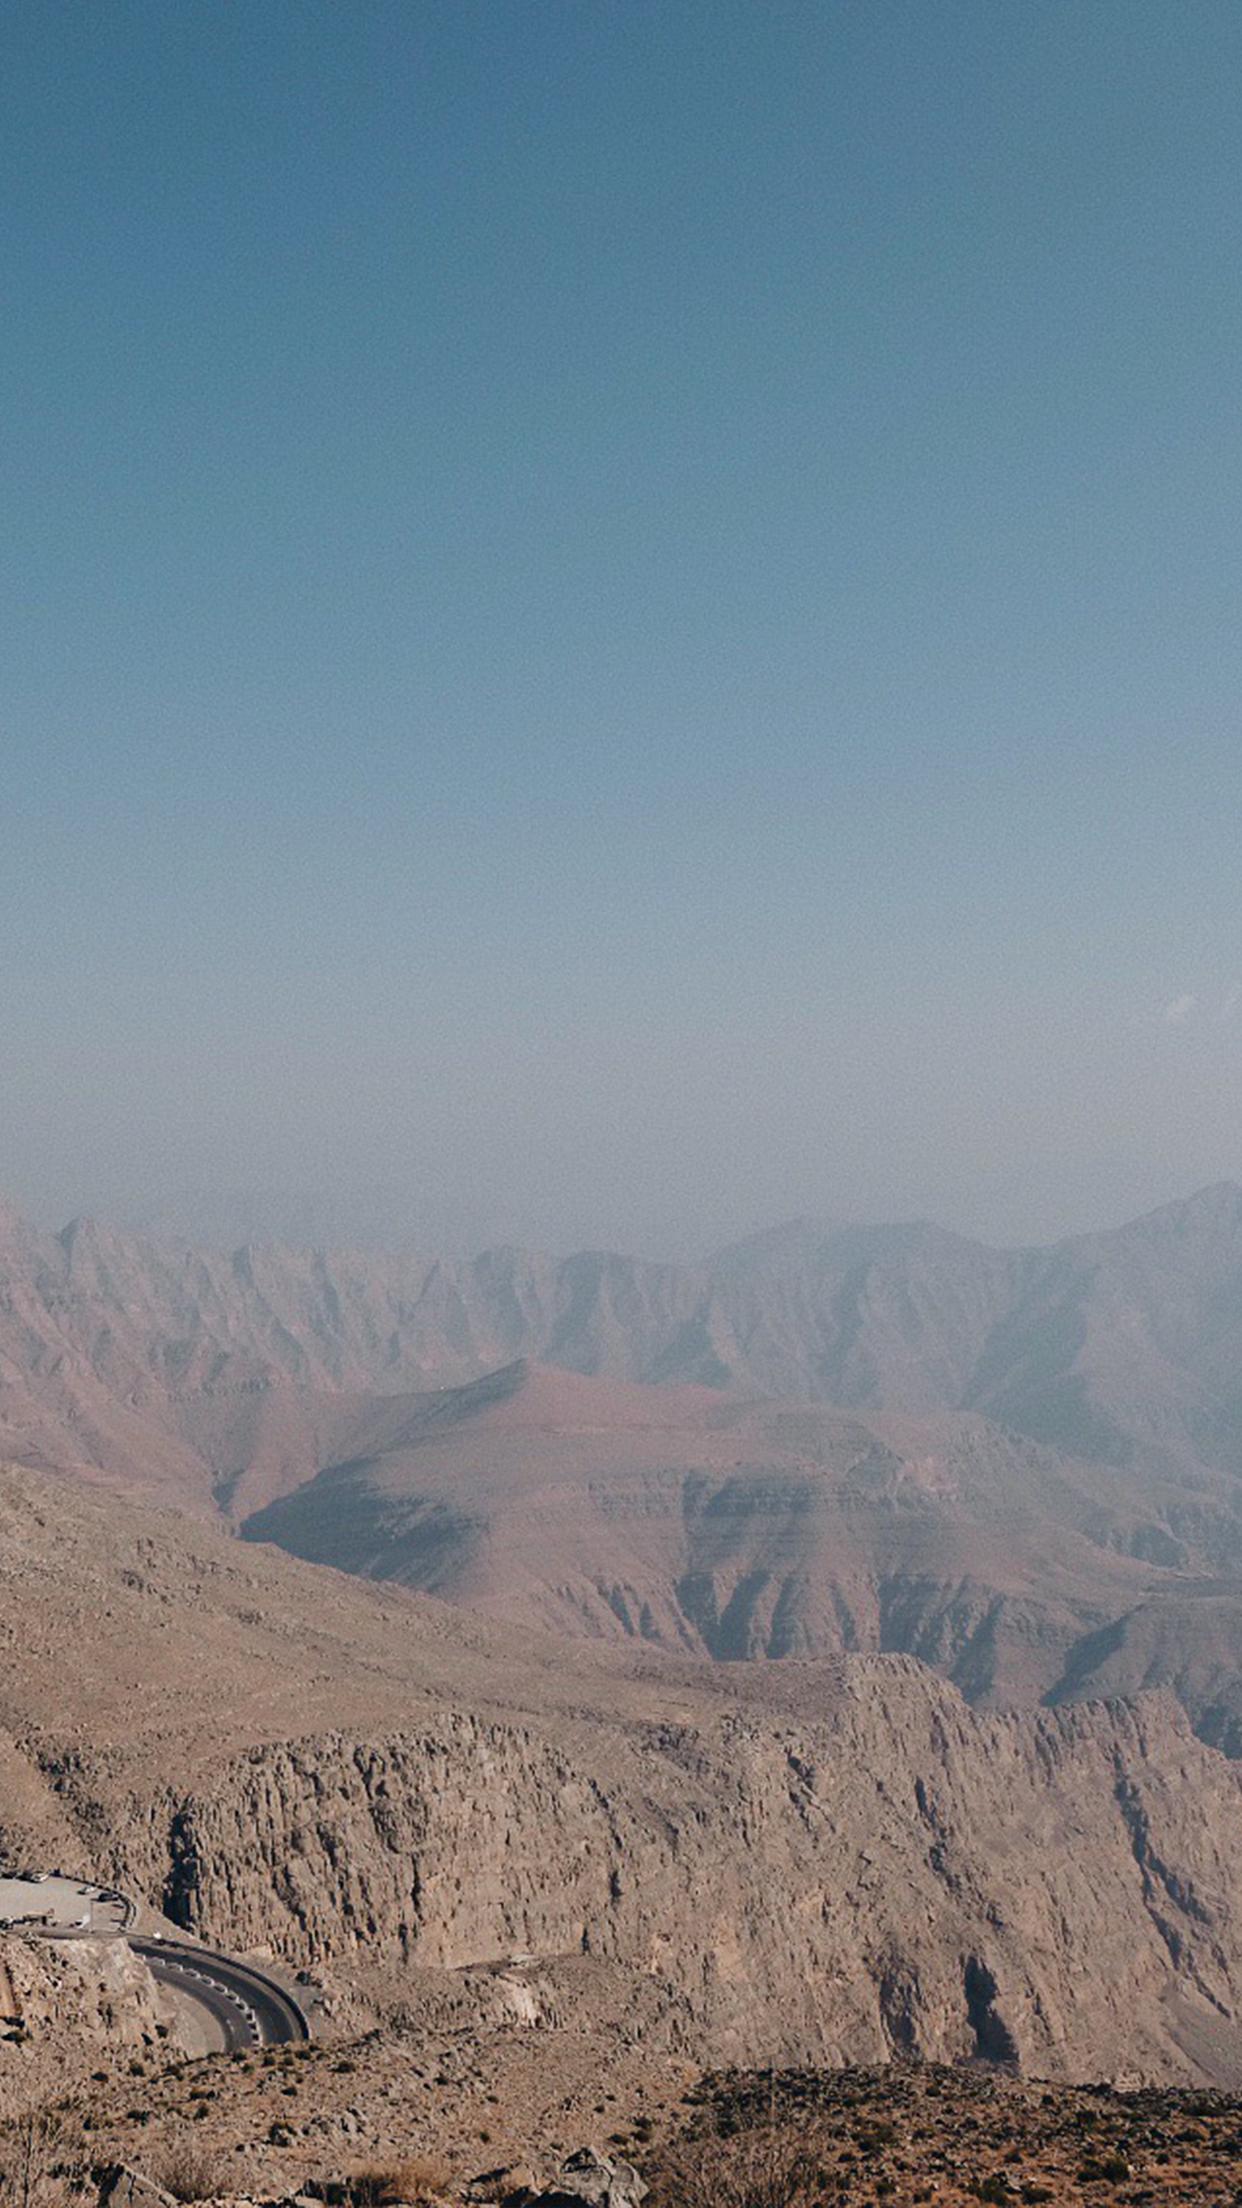 Jebel Jais, United Arab Emirates.